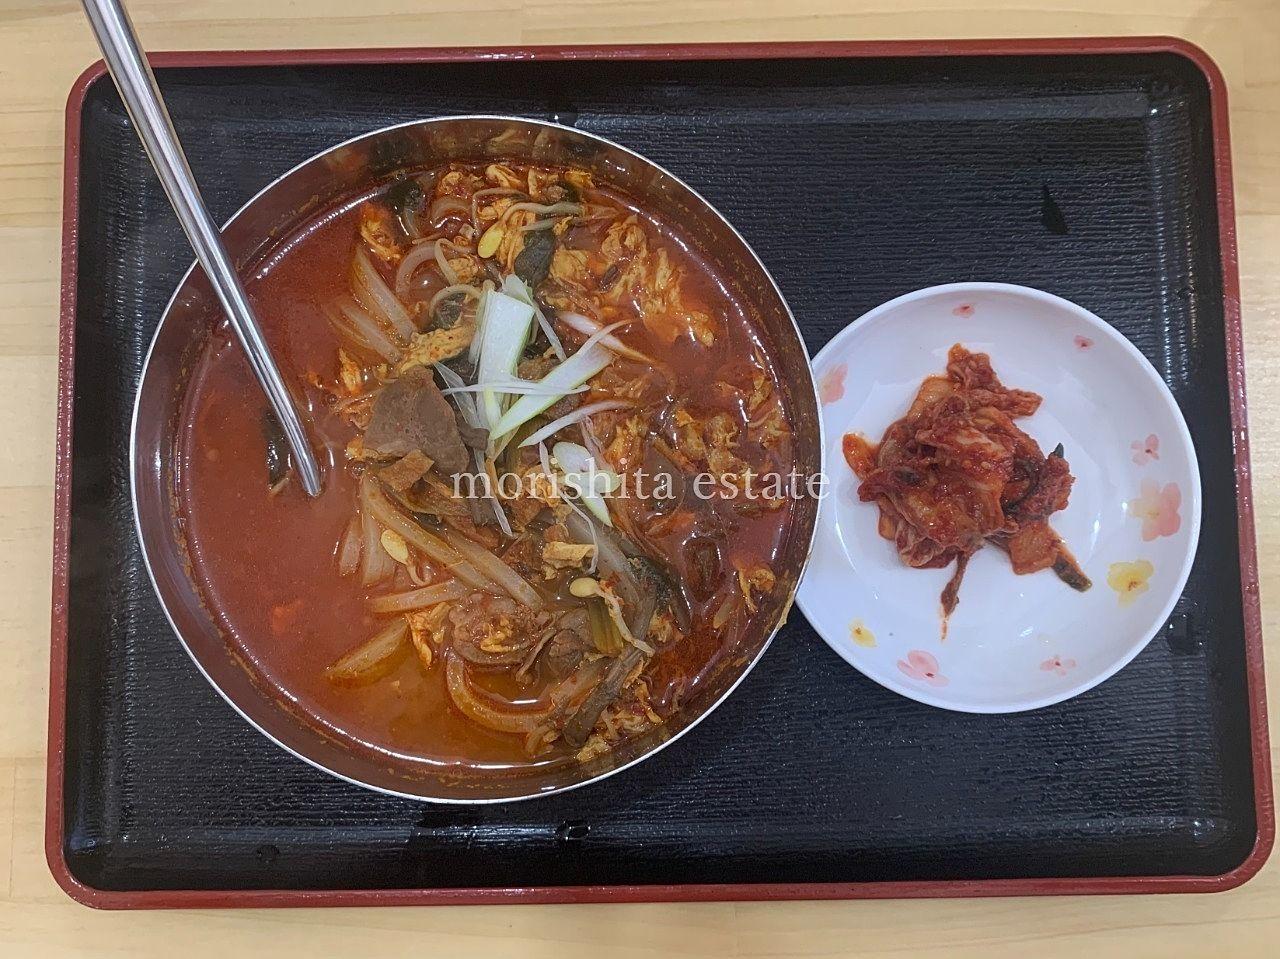 ソウル市場 高橋 焼肉 テグタン キムチ お弁当 写真